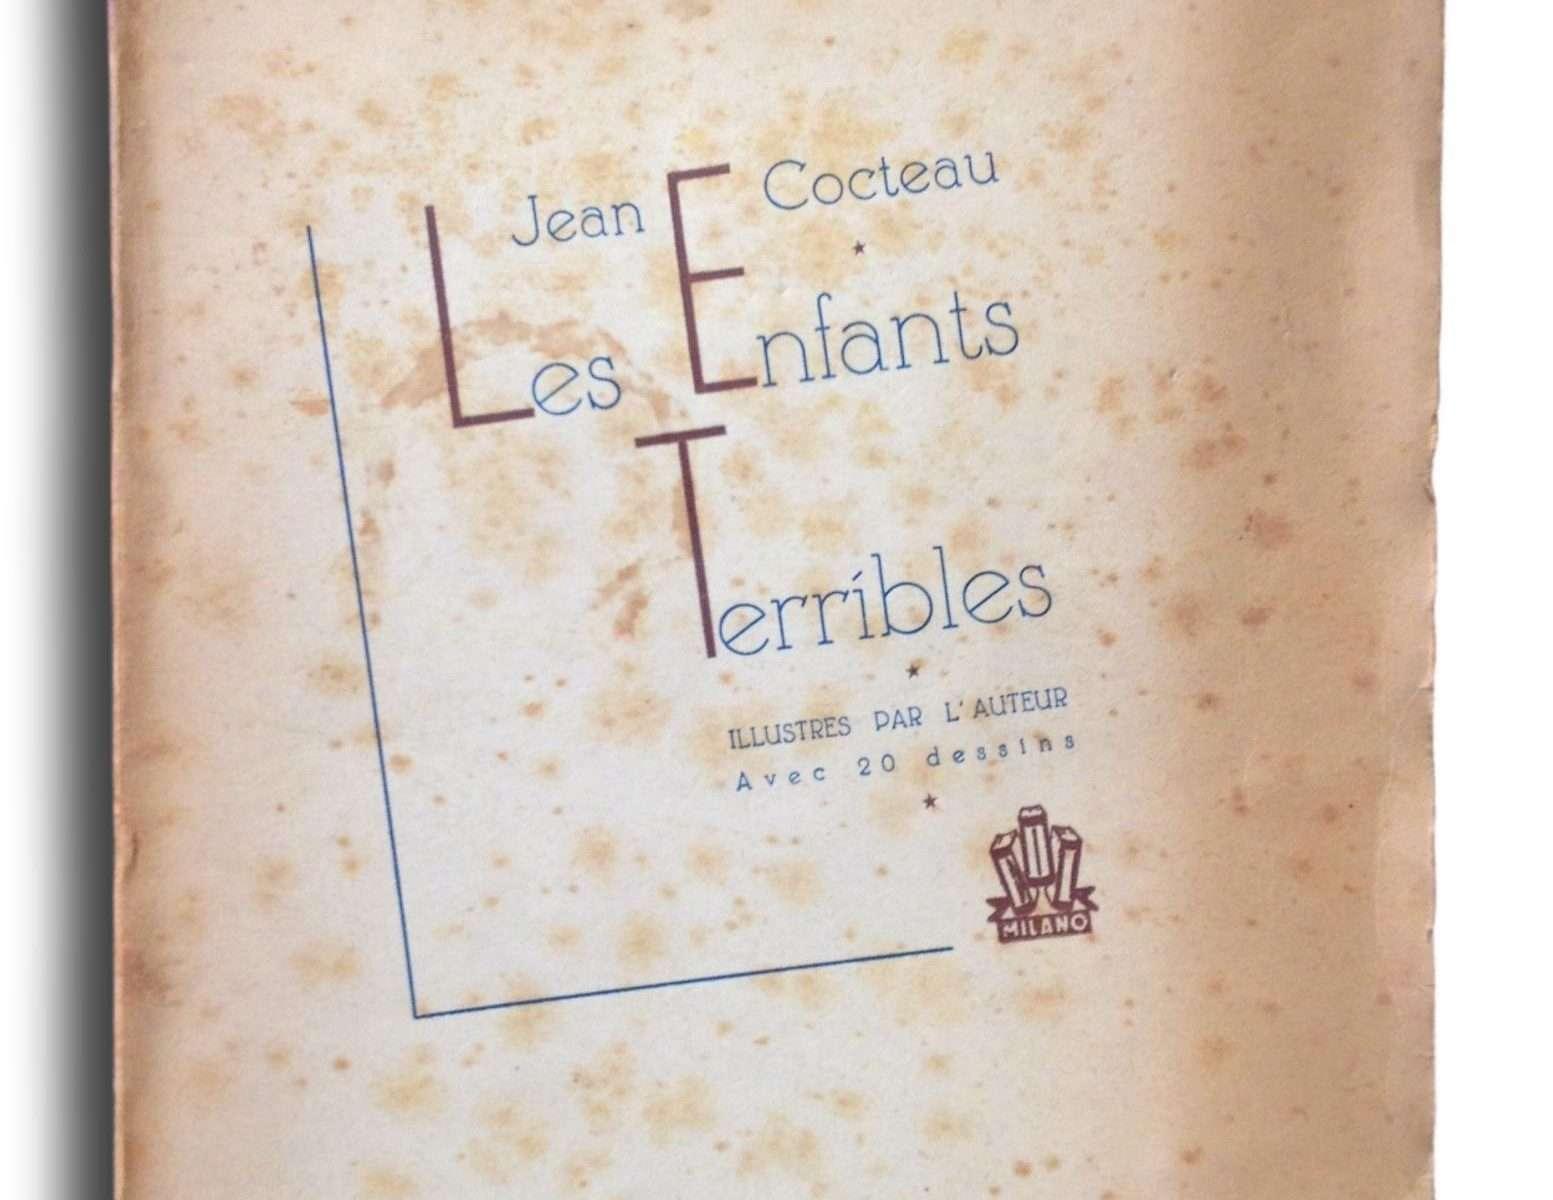 LES ENFANTS TERRIBLES  <BR/> Jean Cocteau